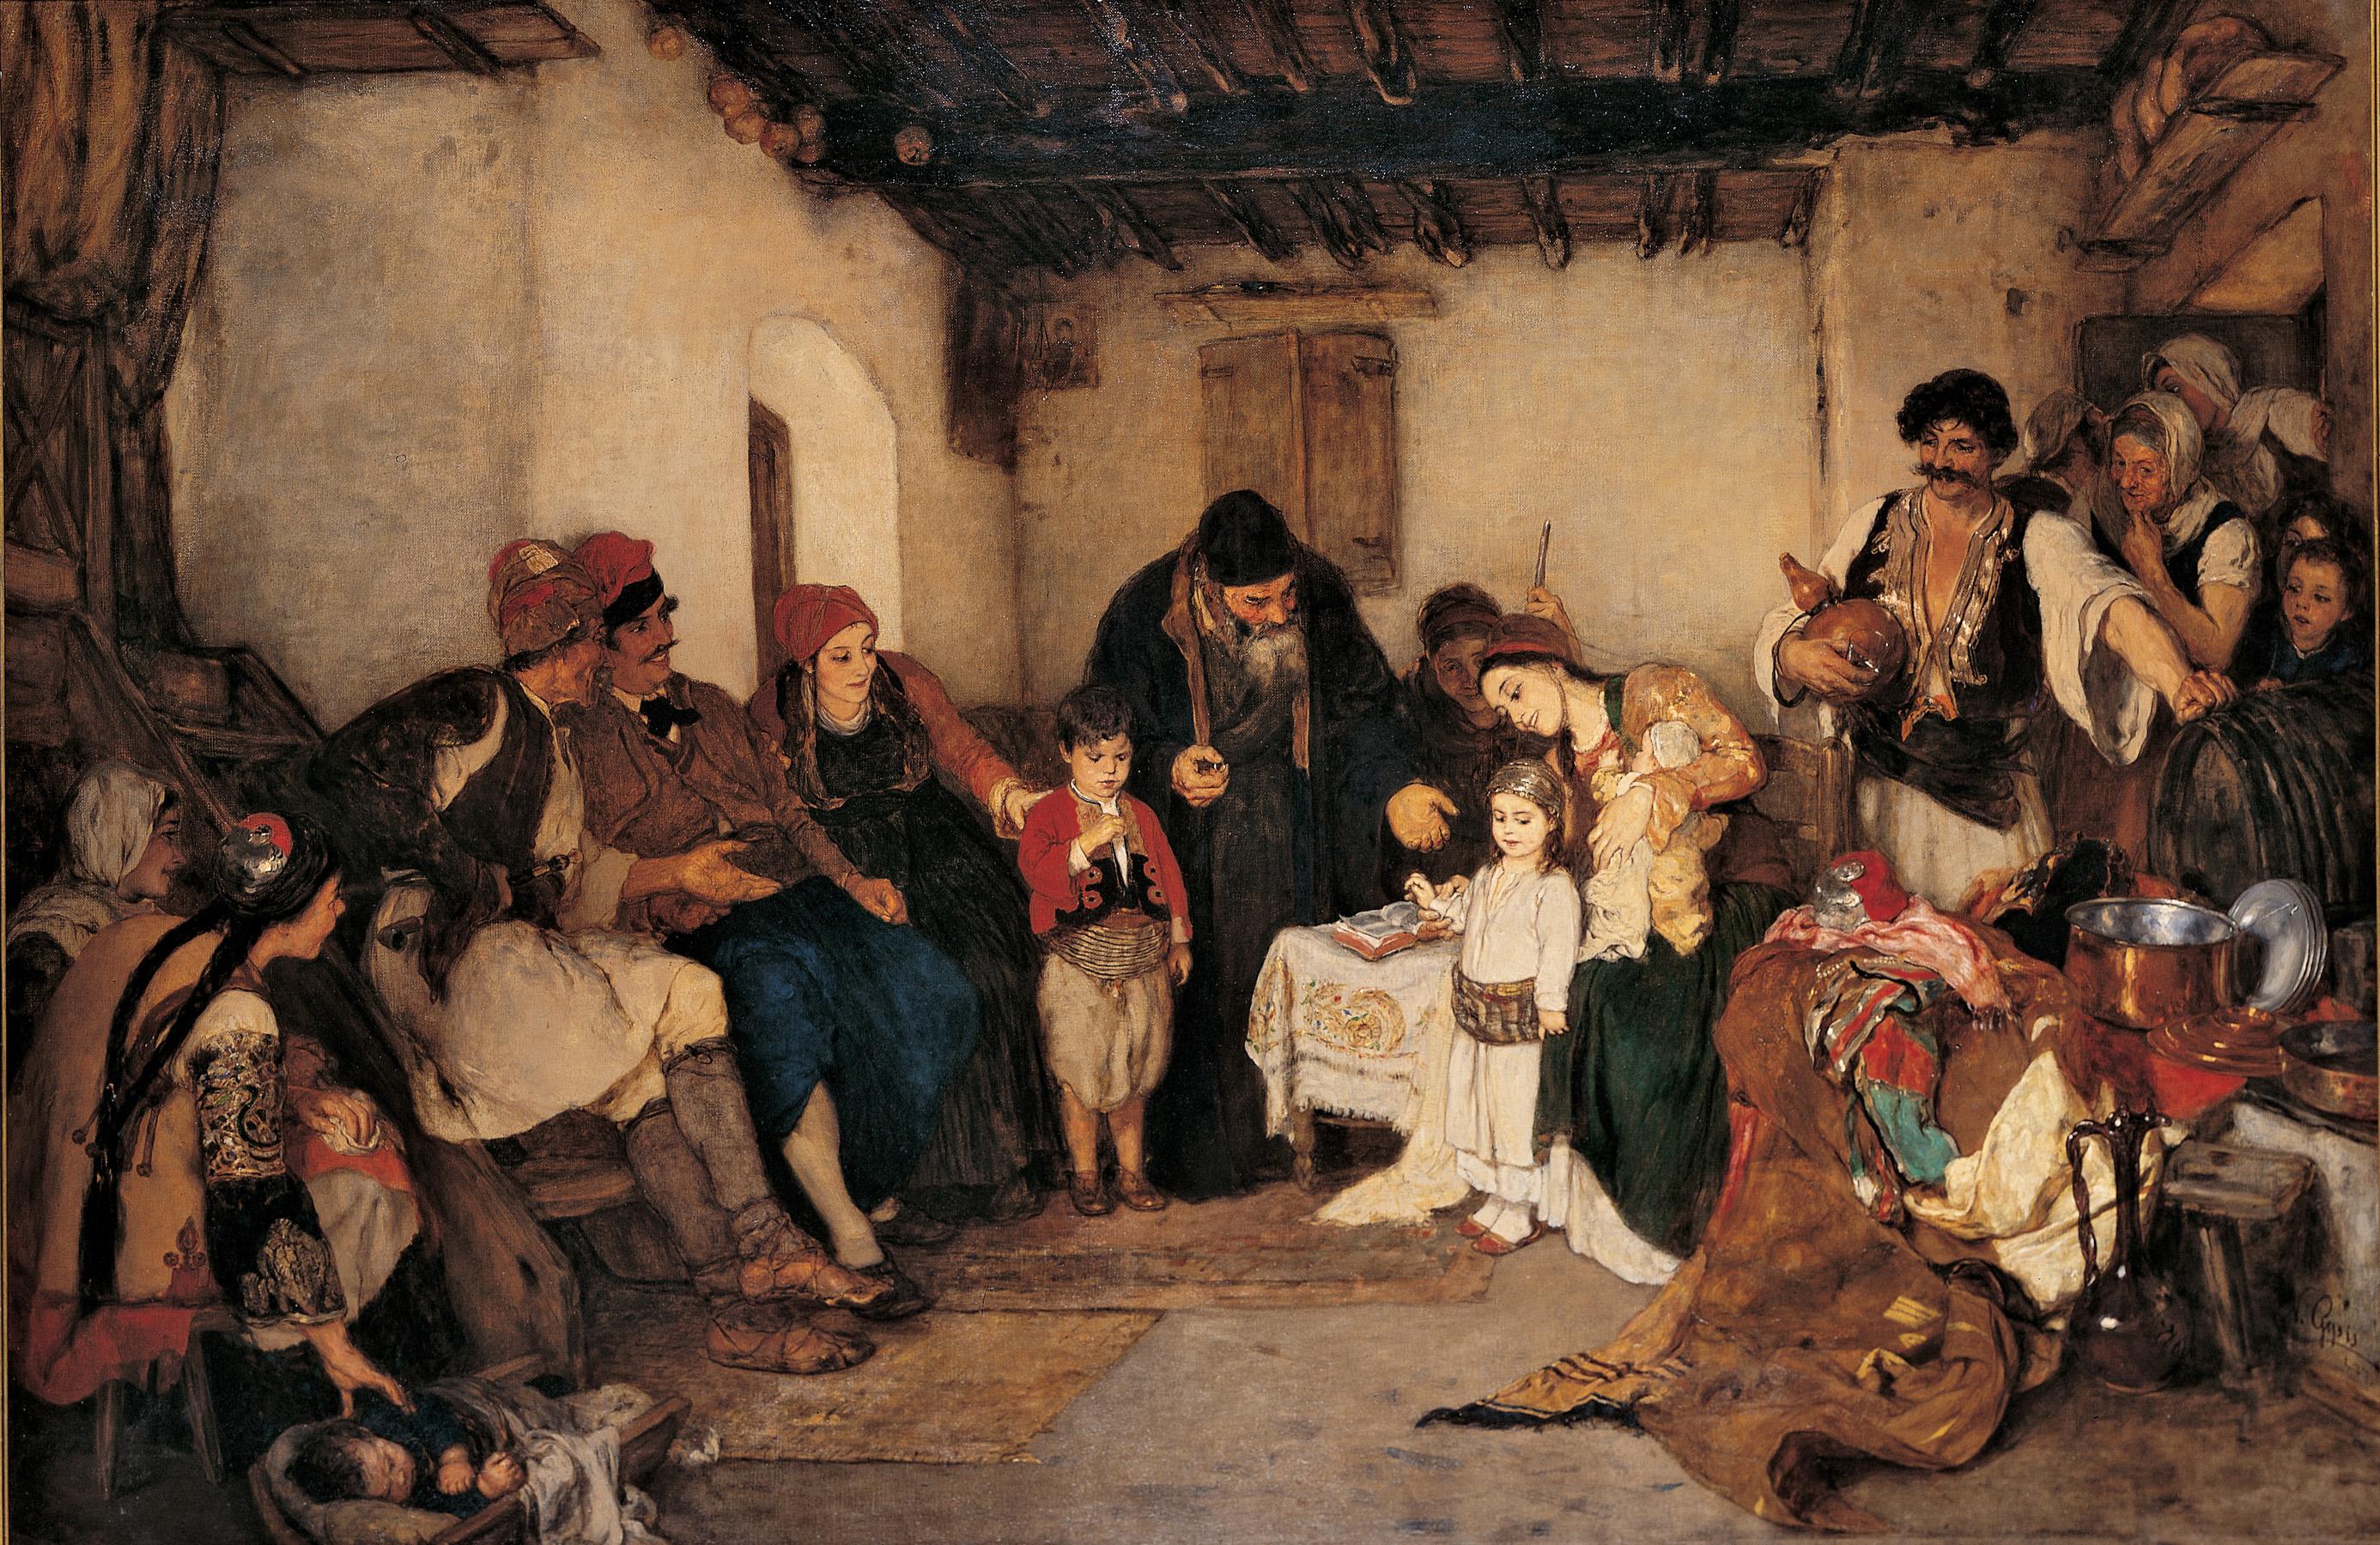 Παιδικοί Αρραβώνες, 1877. Λάδι σε μουσαμά, ΕΙΚΑΣΤΙΚΑ, ΖΩΓΡΑΦΙΚΗ, ΝΙΚΟΛΑΟΣ ΓΥΖΗΣ, ΤΗΝΟΣ, ΣΧΟΛΗ ΤΟΥ ΜΟΝΑΧΟΥ,